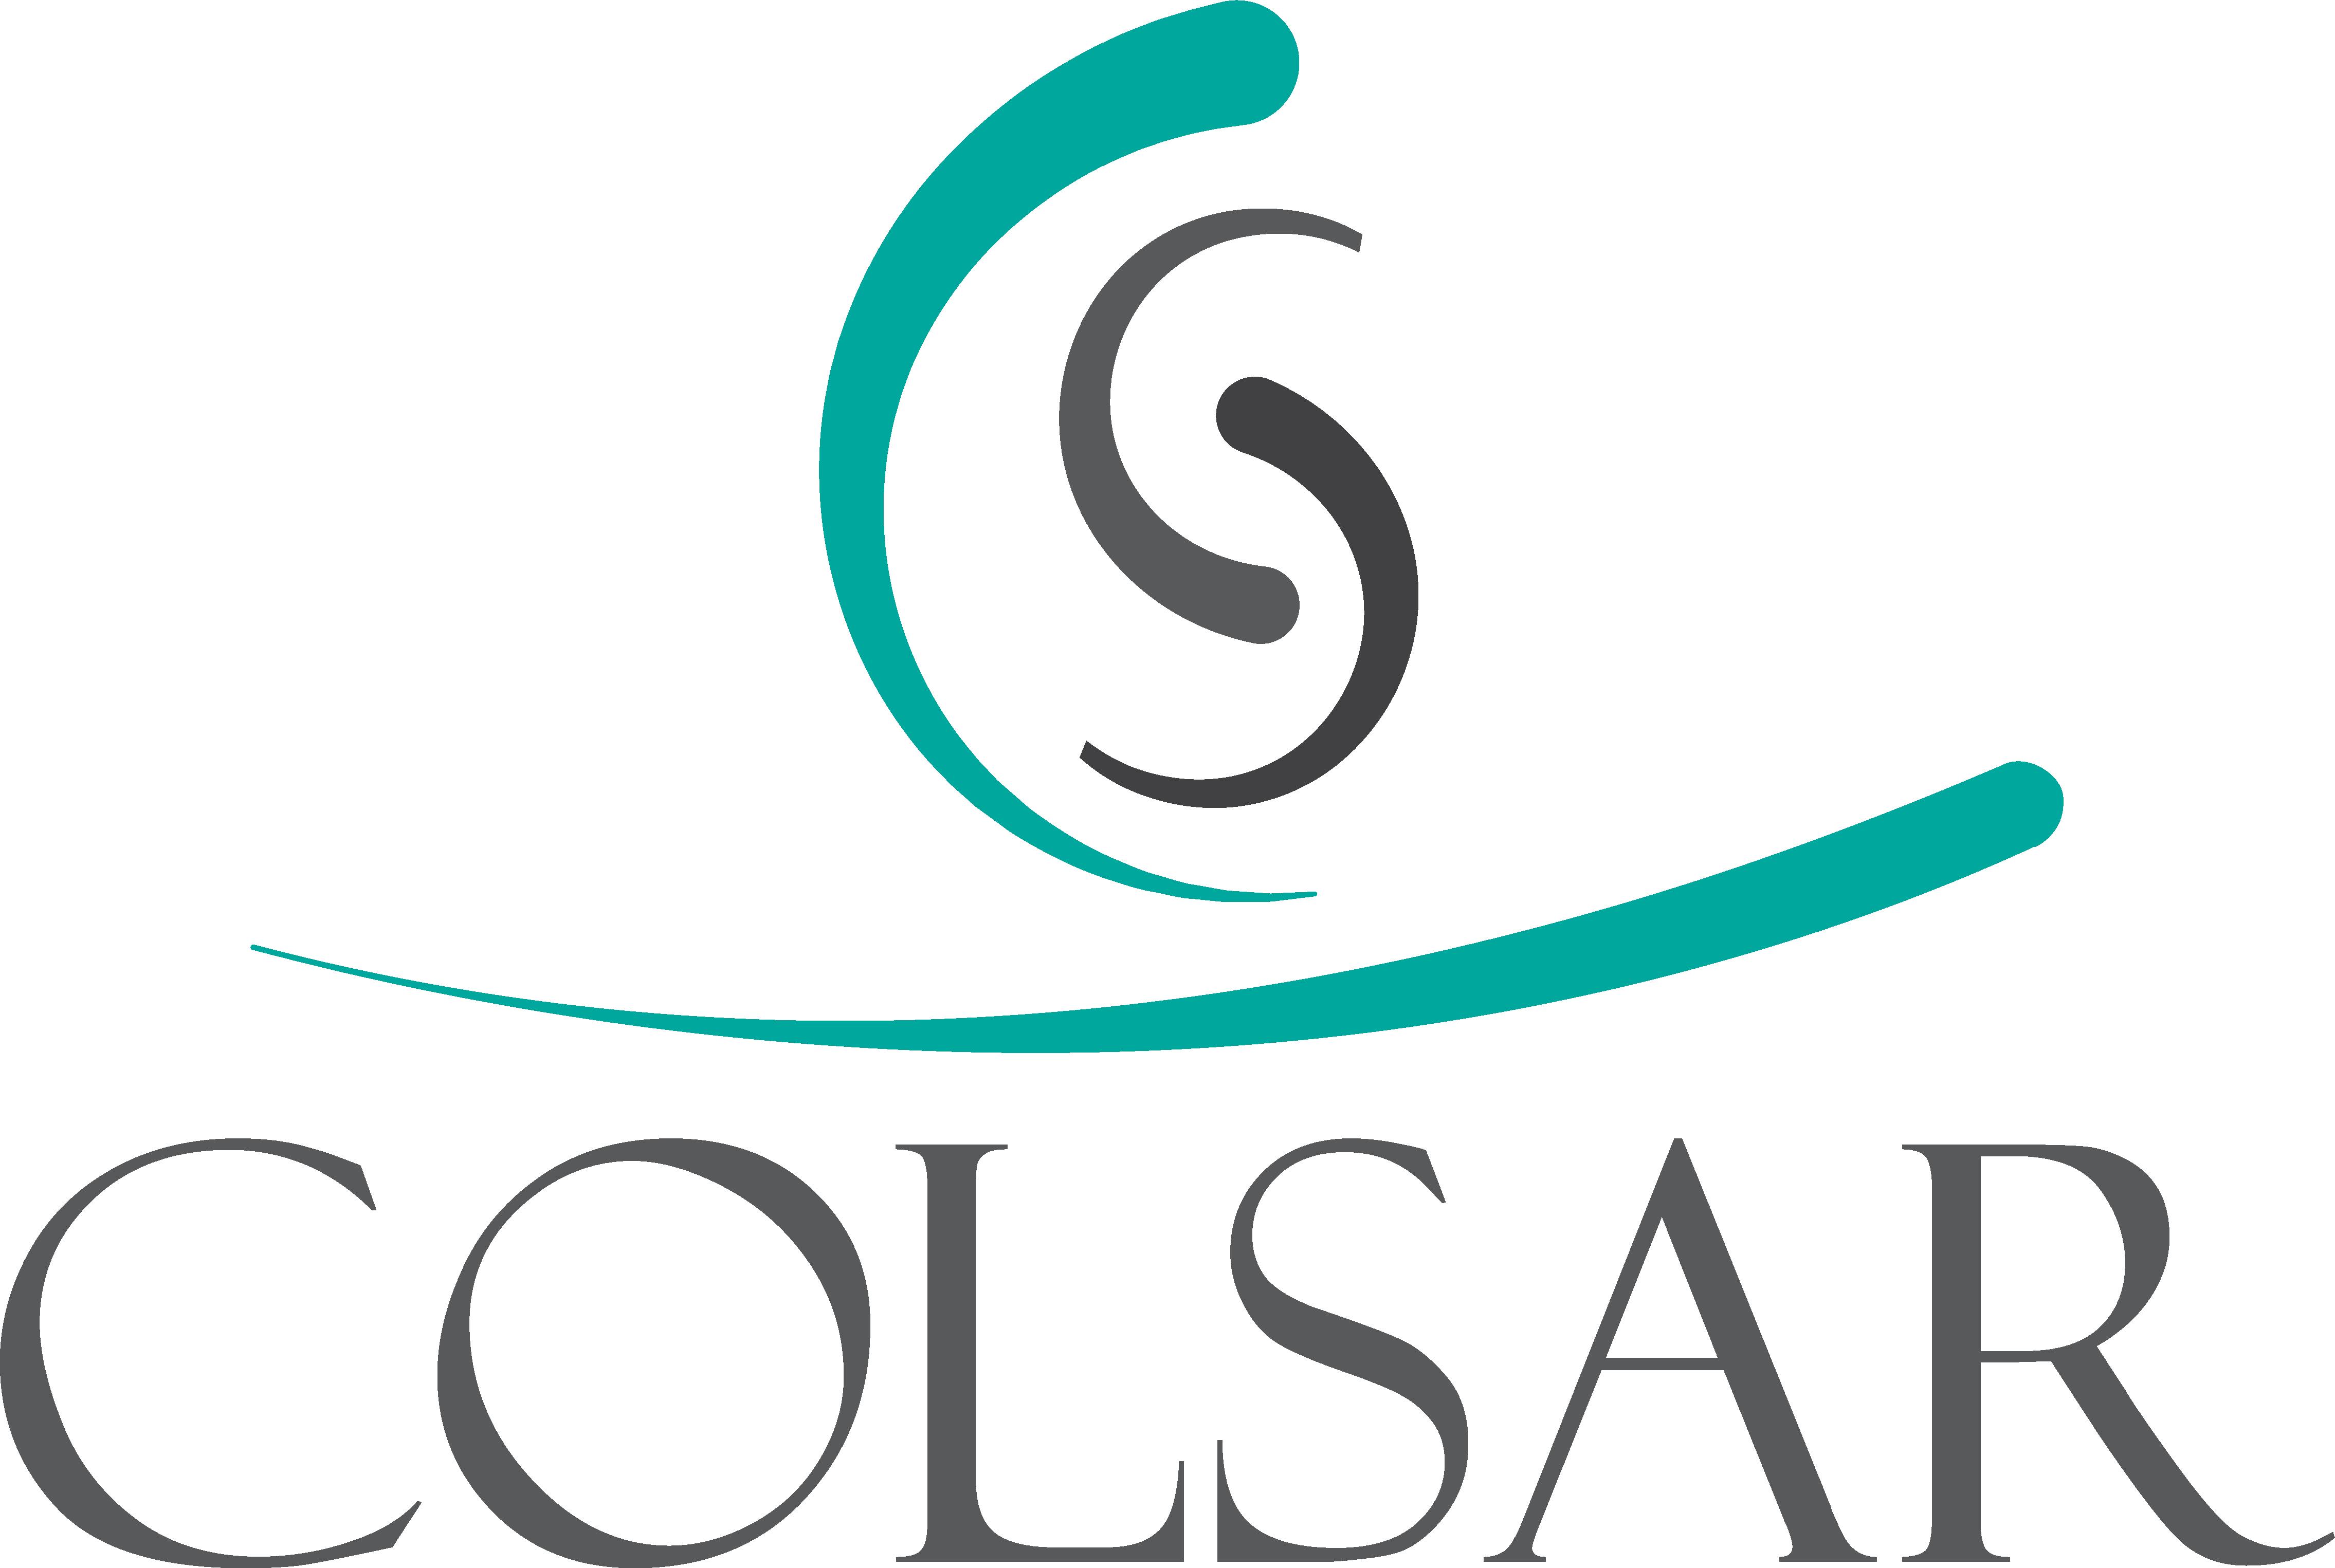 Colsar